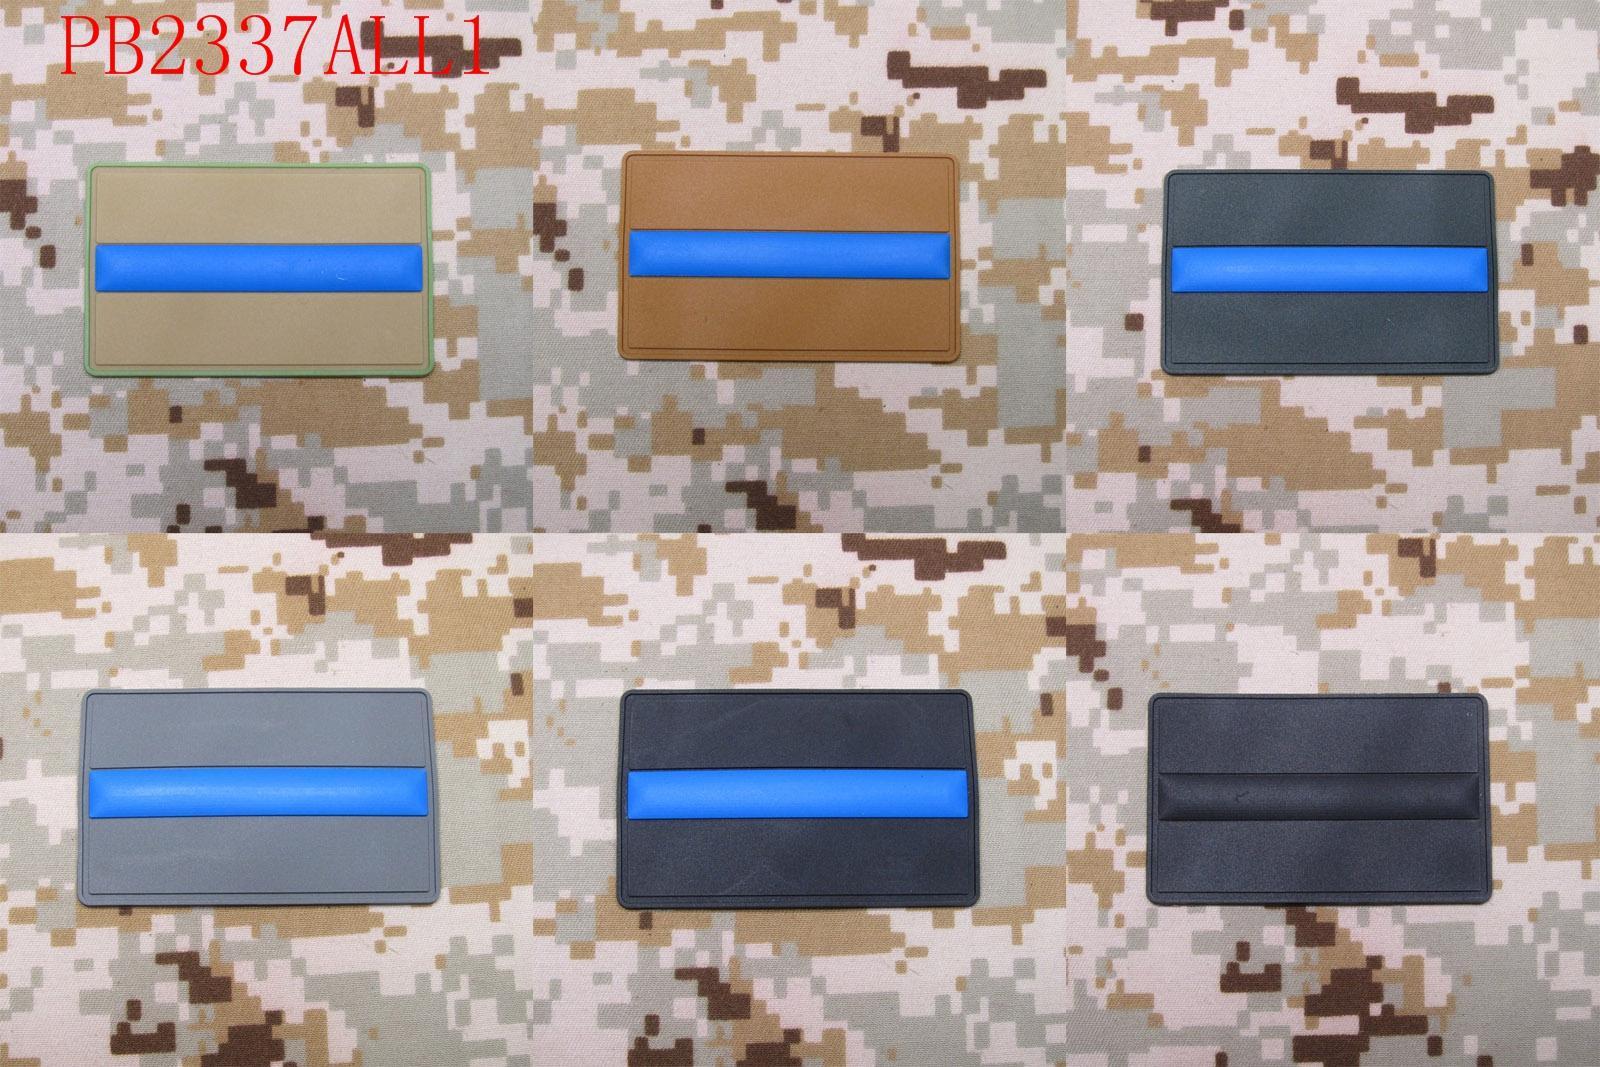 Жұқа Көк сызық полициясы SWAT 3D ПВХ патч